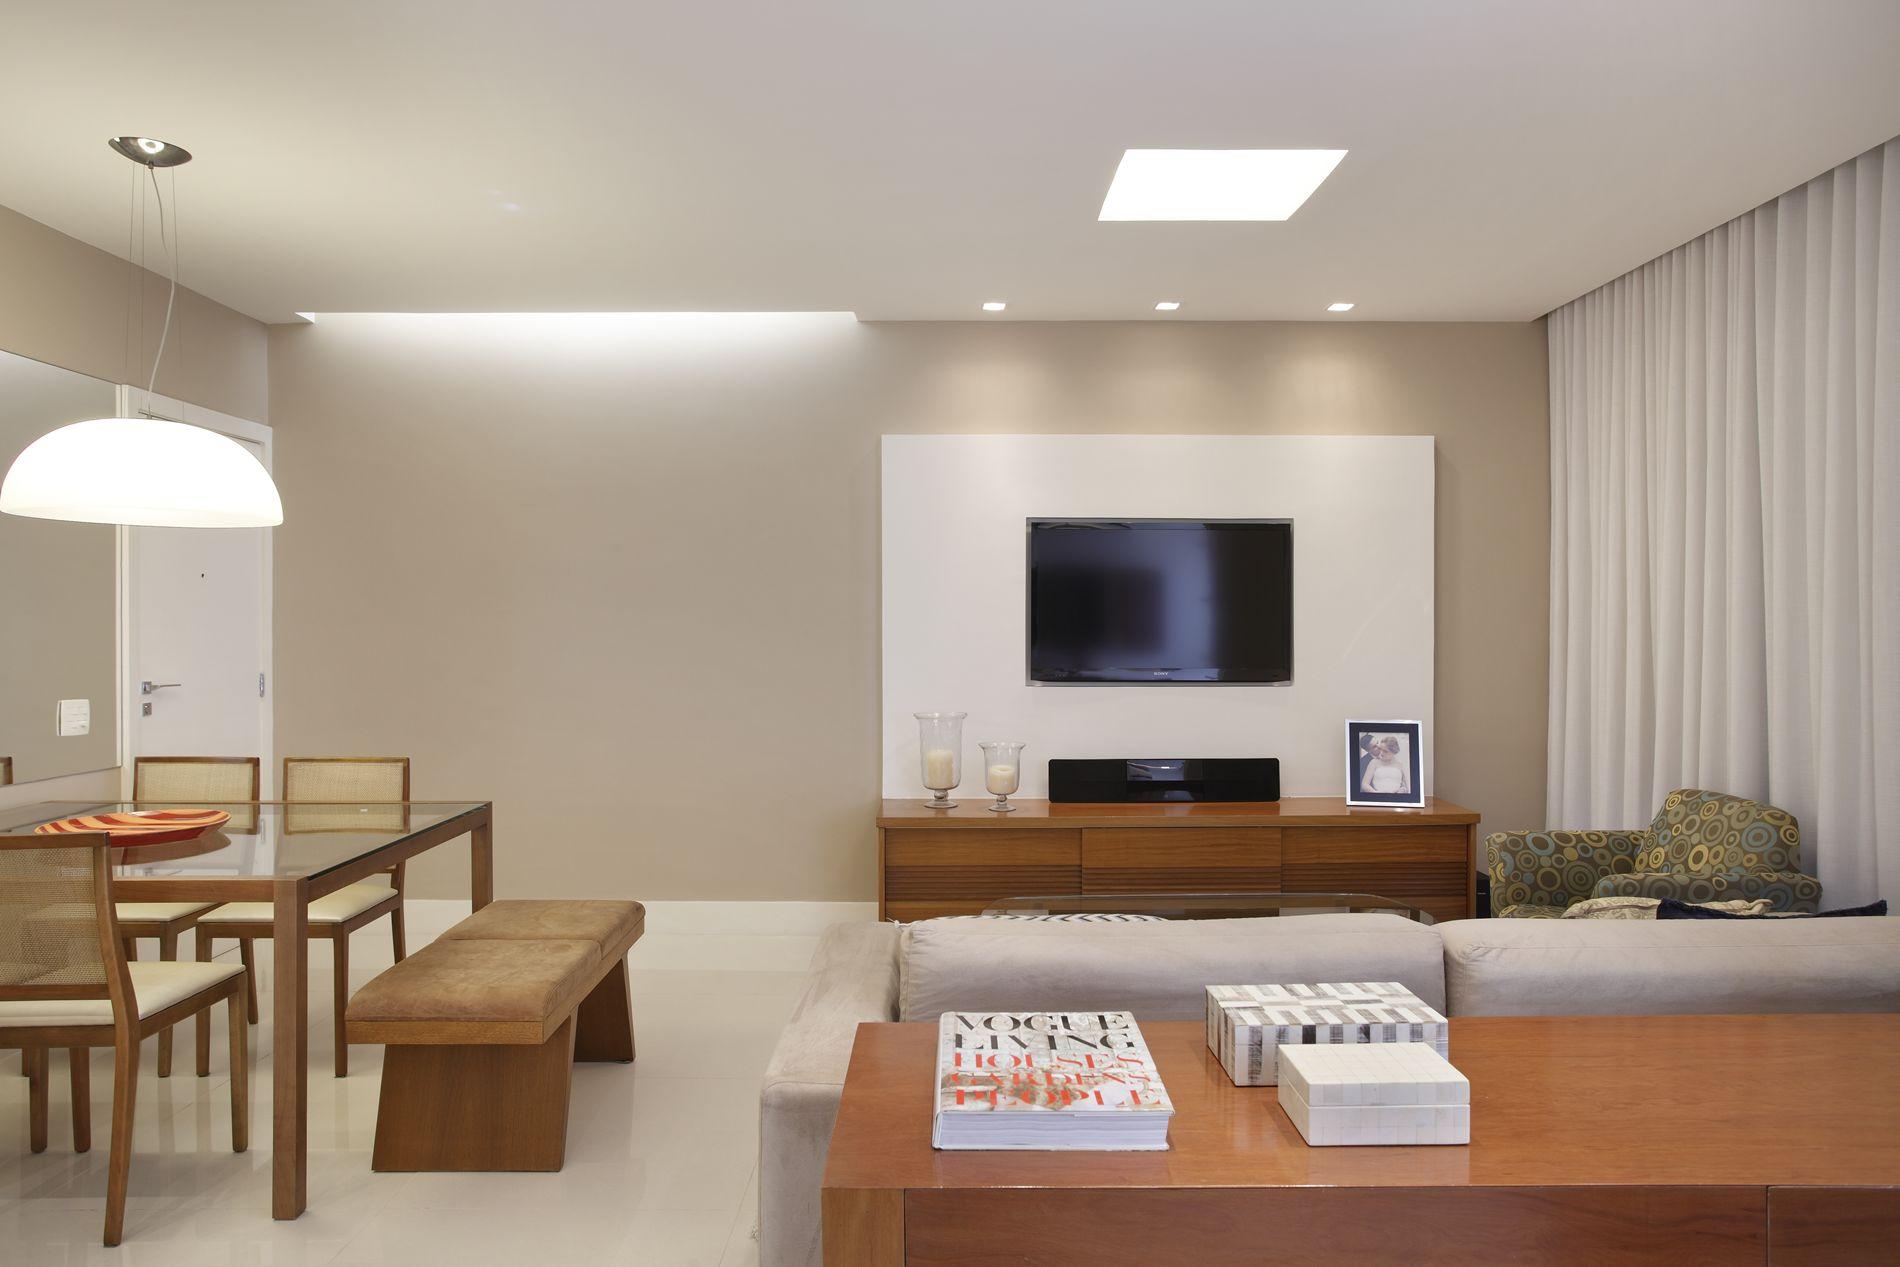 #6A432B projetos residenciais arquitetura rj apartamento decoracao projeto  1900x1267 px Projeto Da Cozinha Farnichar_302 Imagens